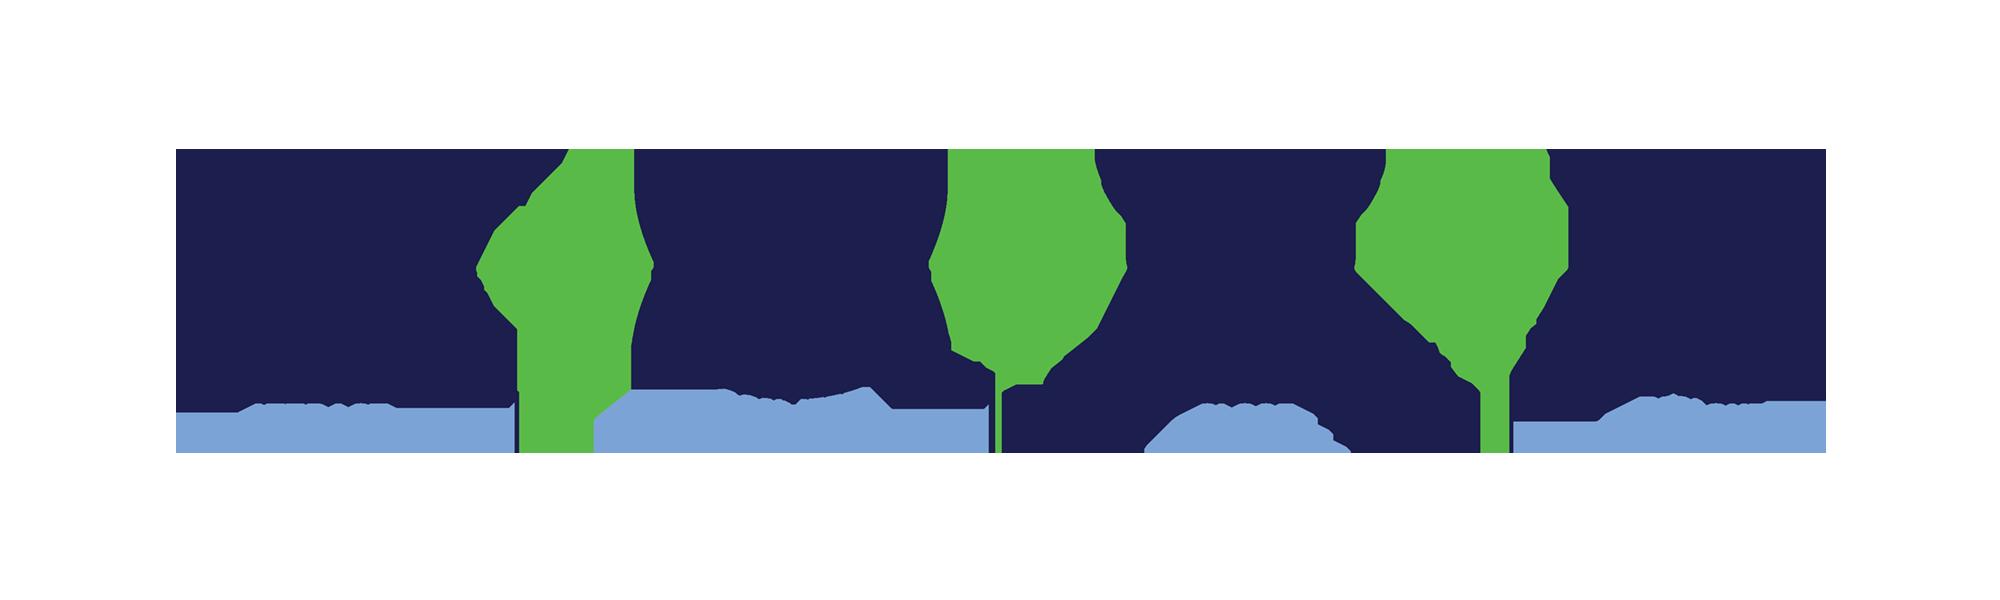 inbound_marketing_convert